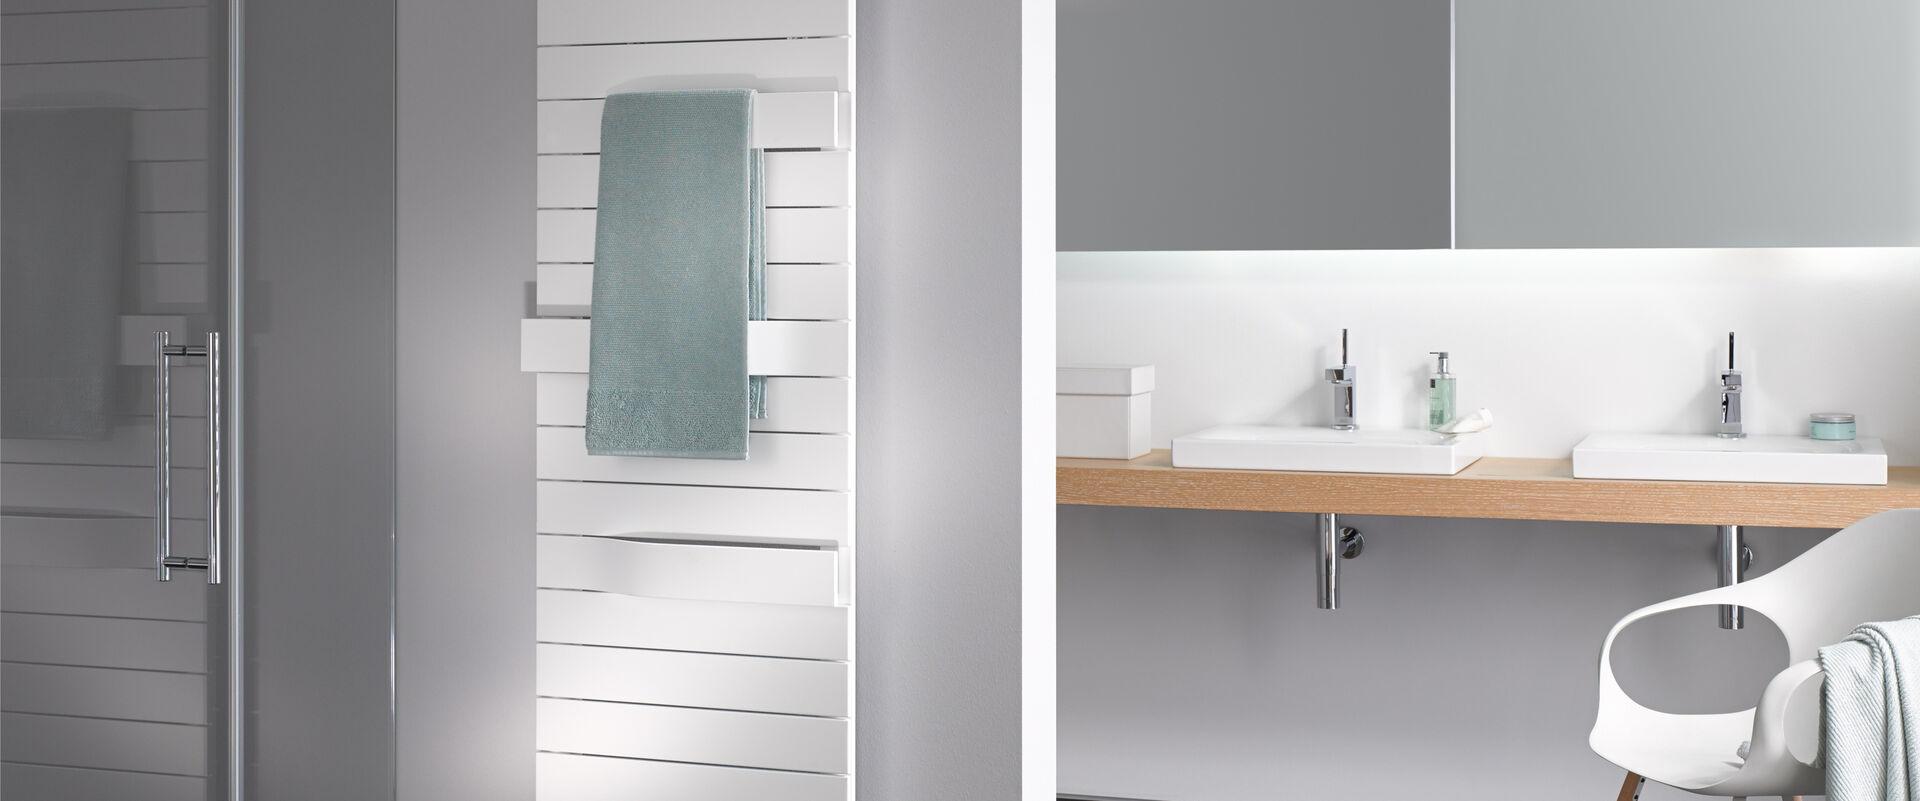 Badheizkörper Tabeo von Kermi - Dynamisches Design für moderne Bäde